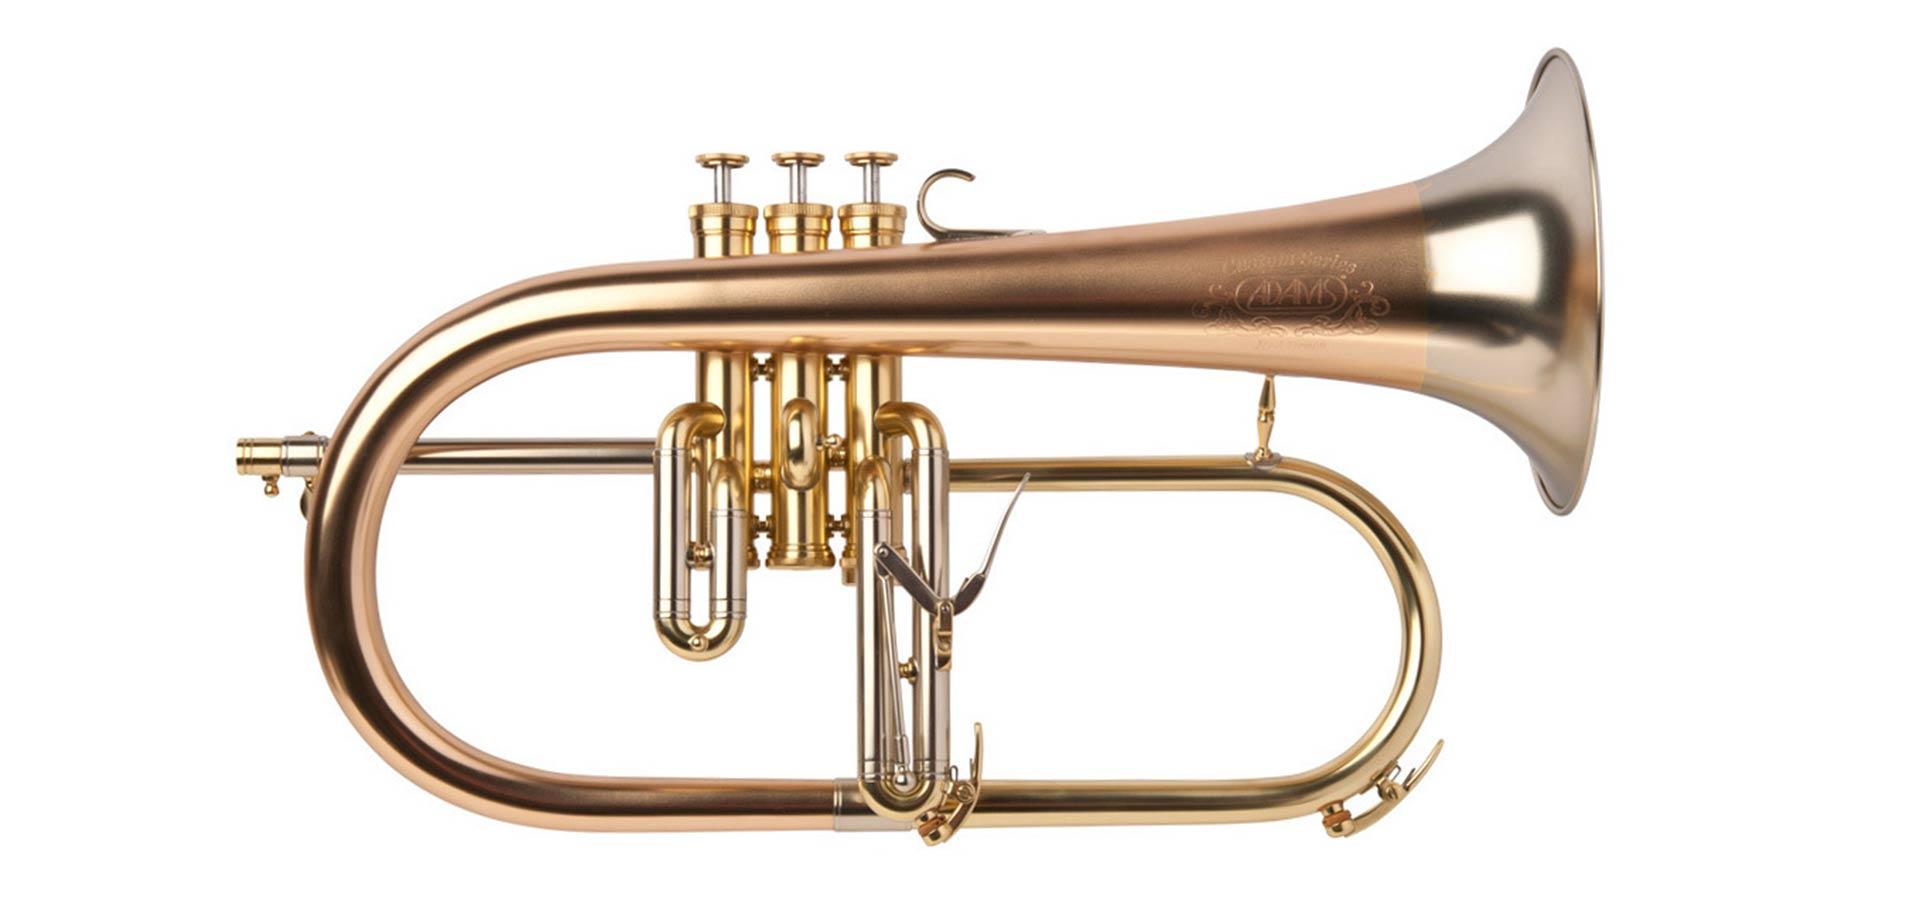 Fulton Brass - Adams - Flugelhorn